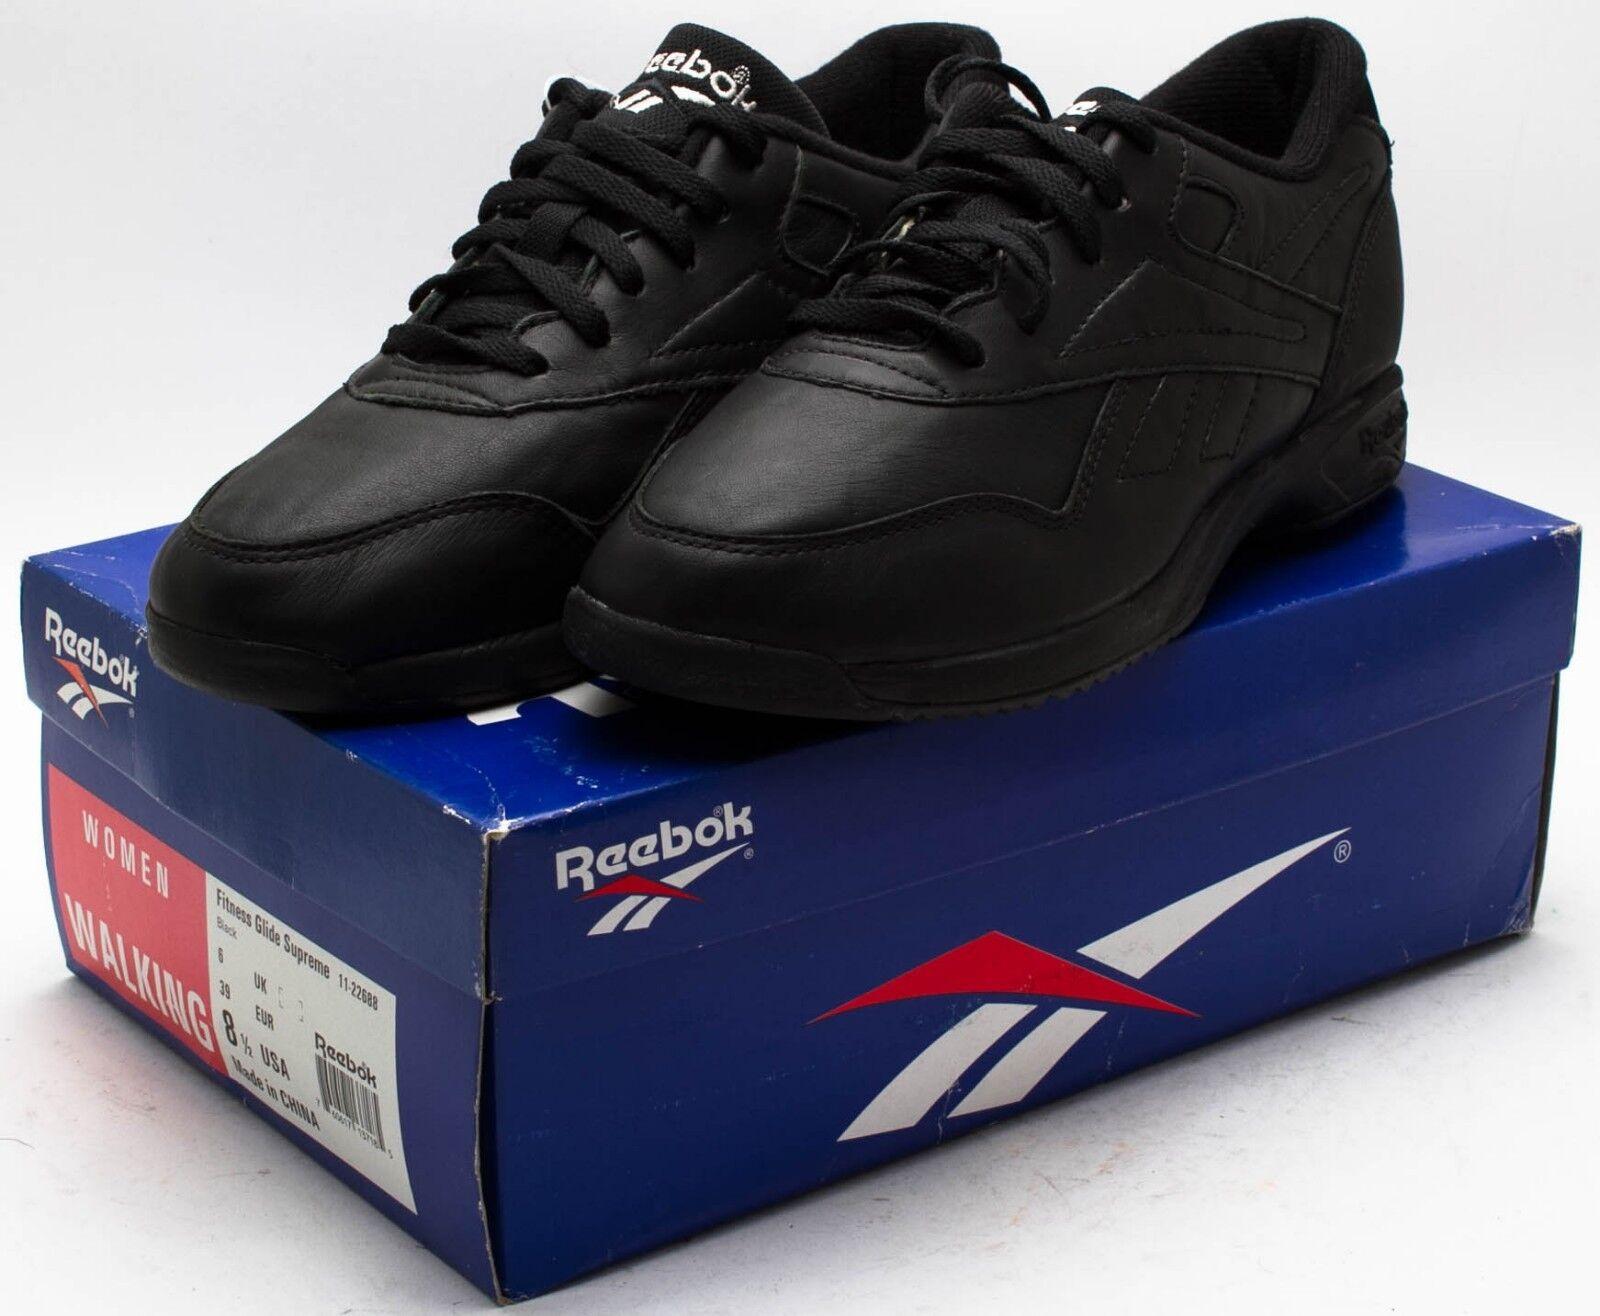 Reebok Damen Vintage 1992 11-22688 Fitness Glide Supreme Schuhe 11-22688 1992 schwarz Größe 54a985